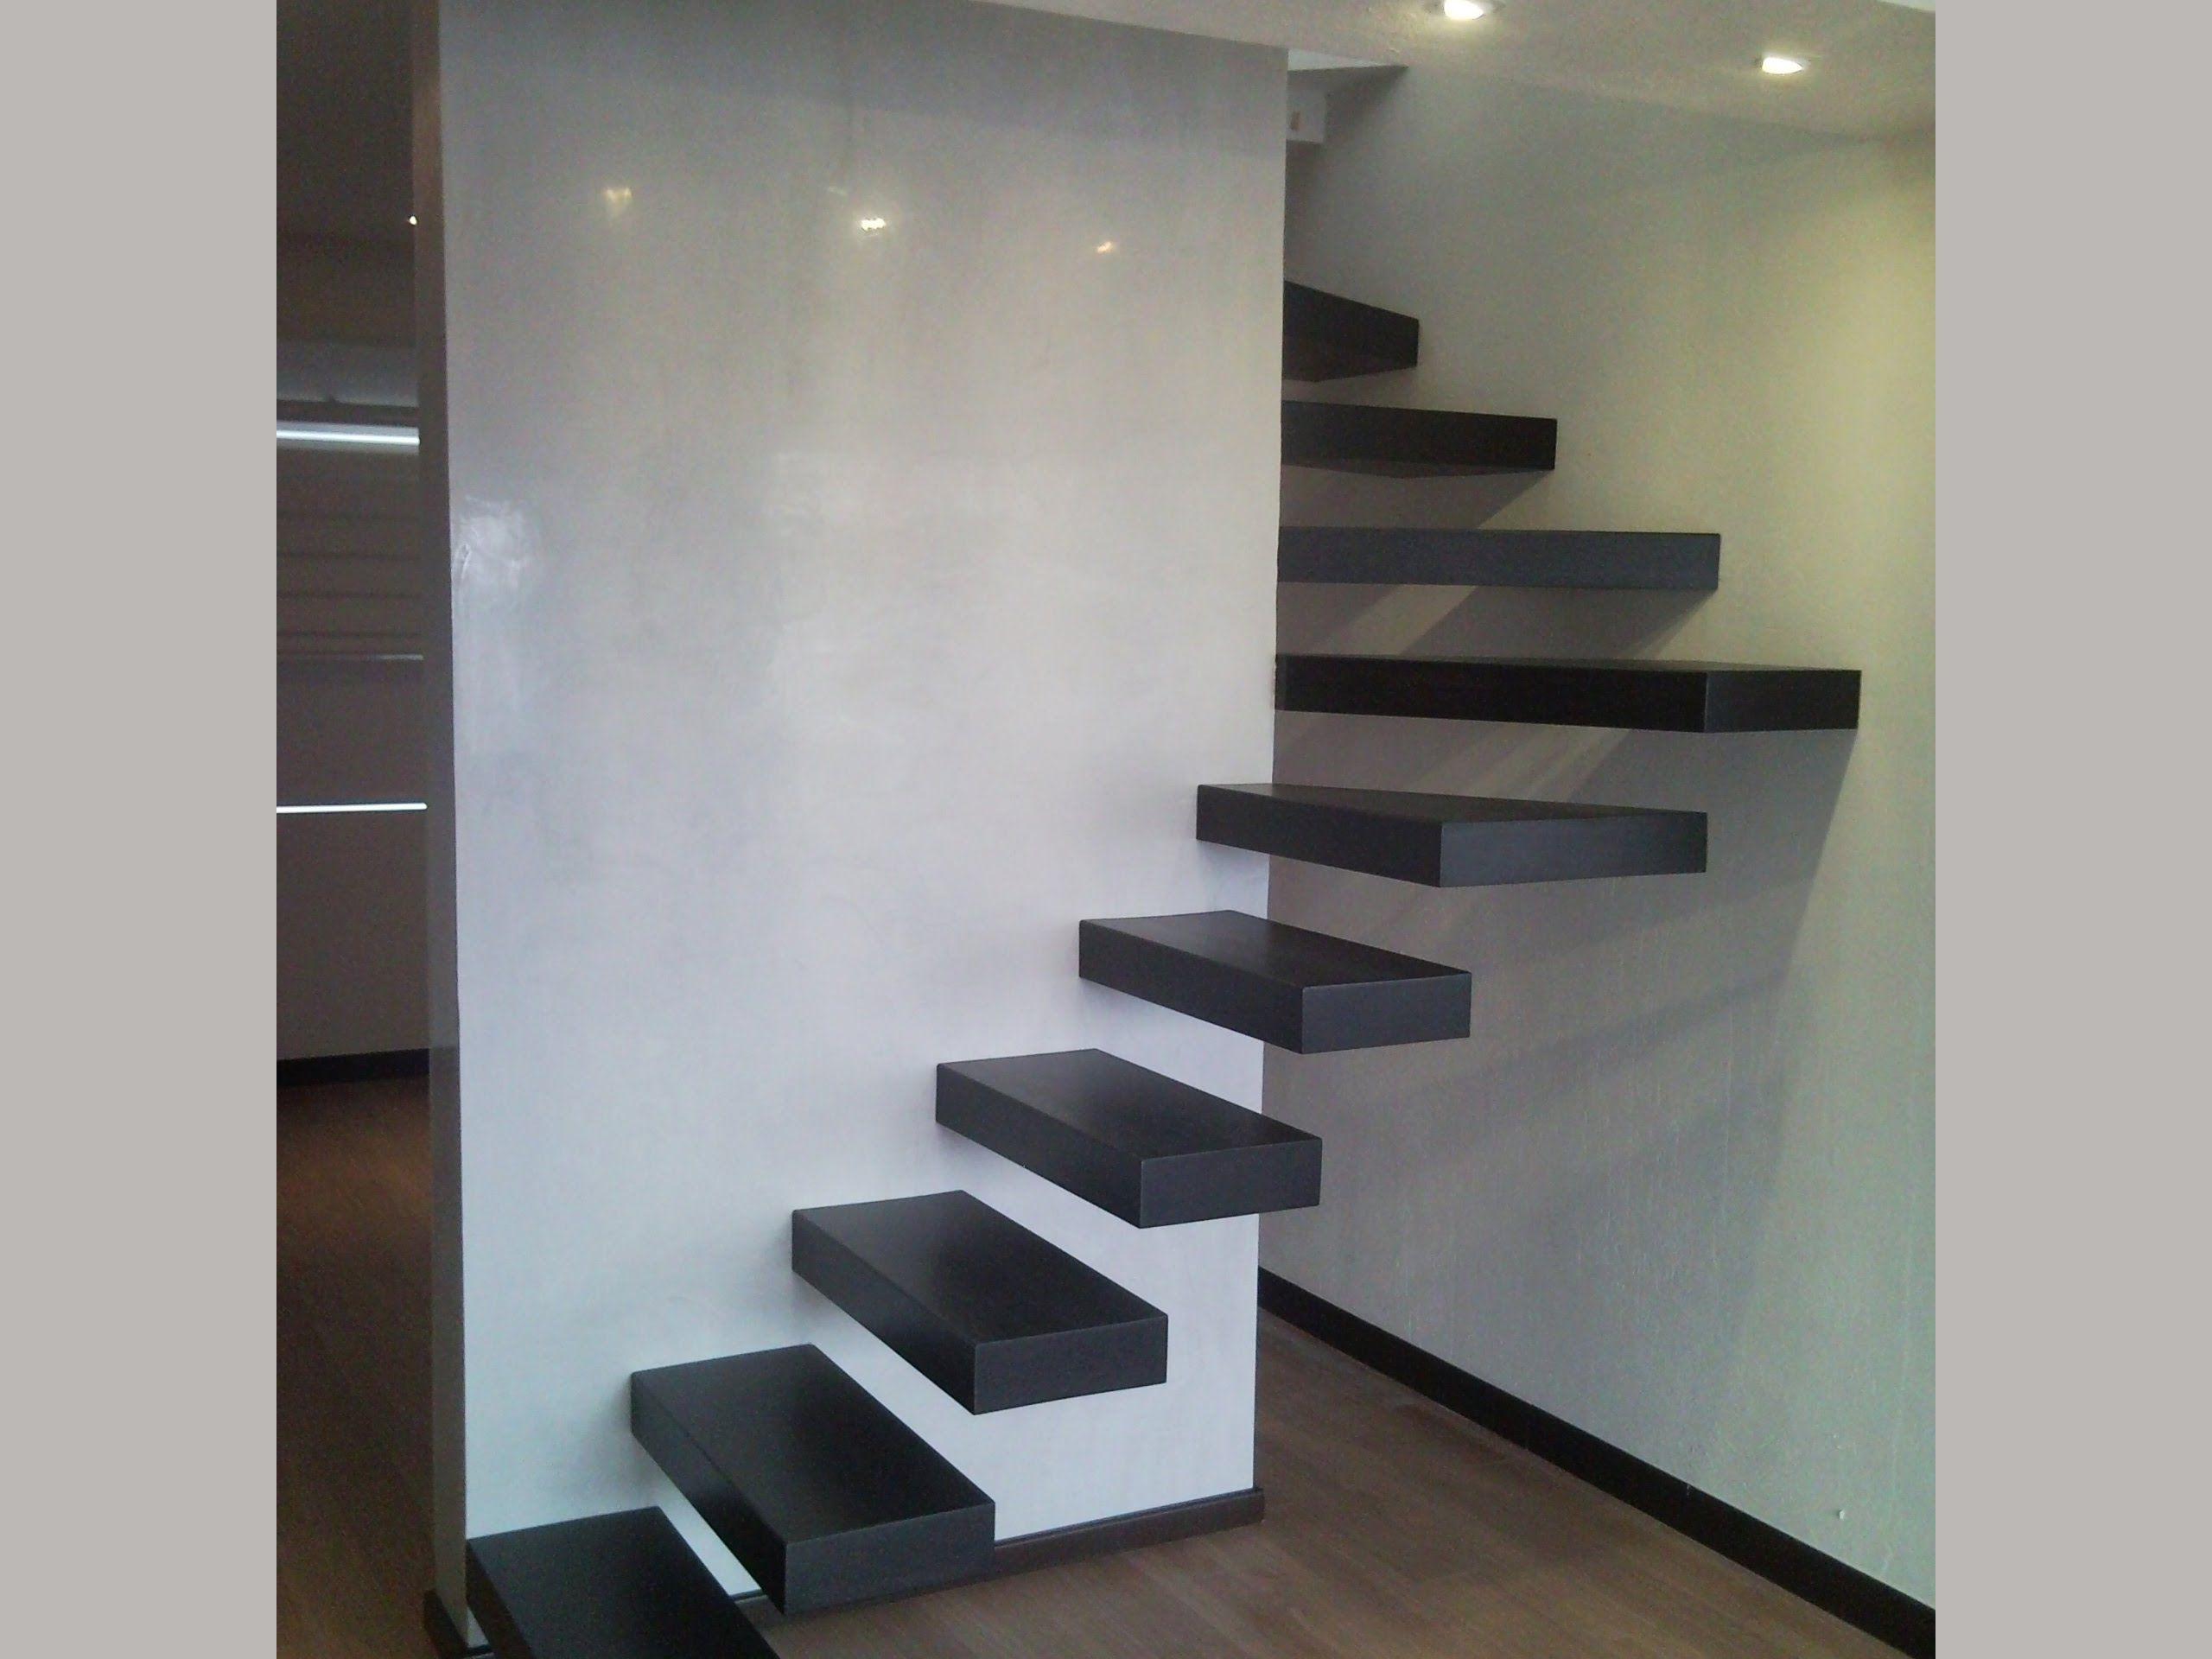 Escalera Moderna Escalera Minimalista Ideas Para El Hogar  ~ Escaleras Prefabricadas De Madera